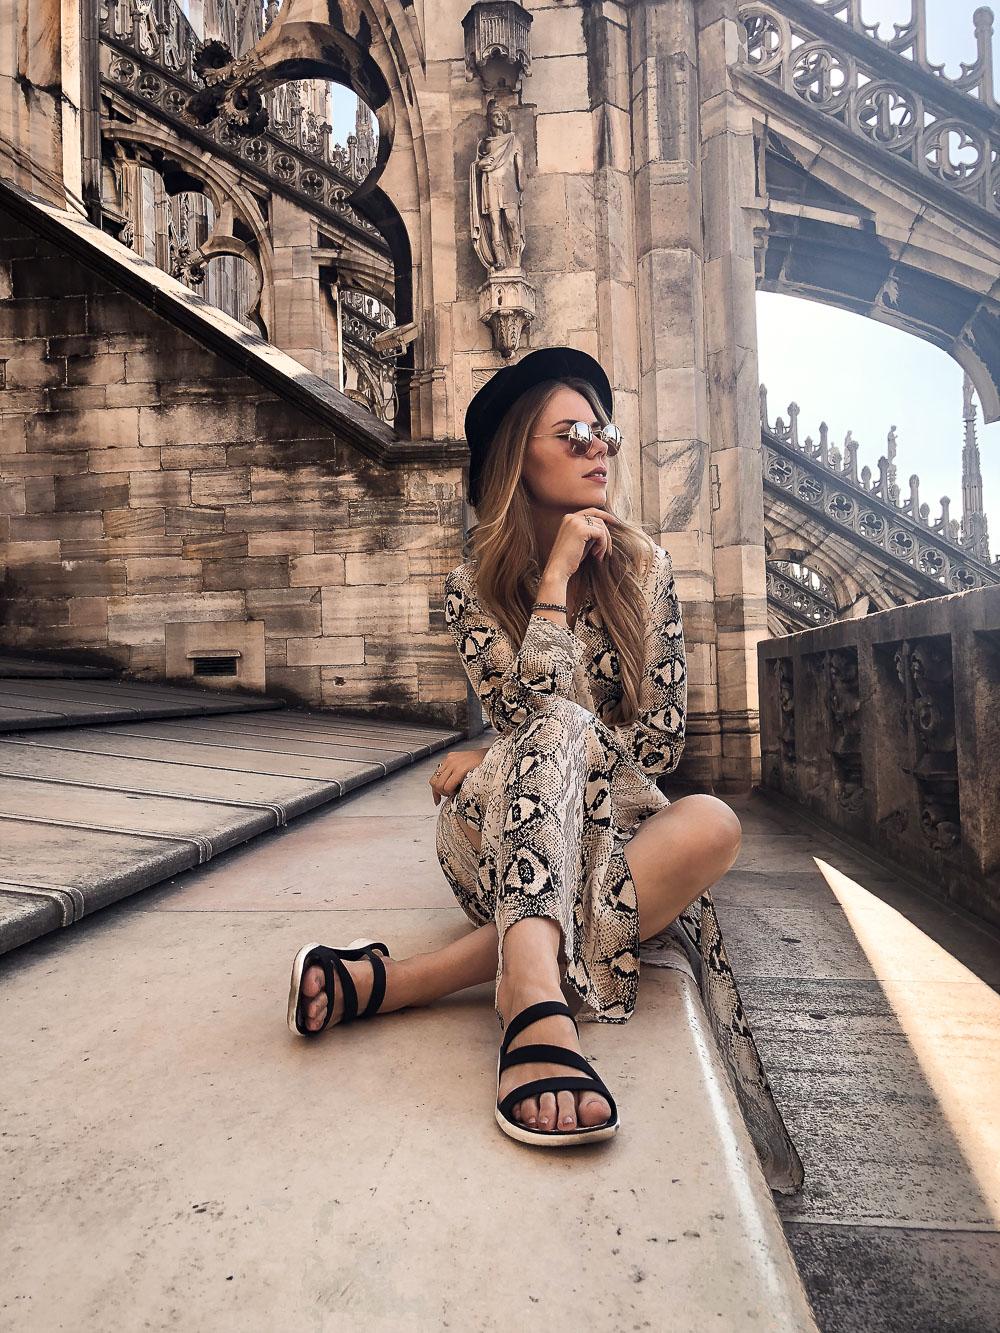 Mailand Dom Dach - Fotolocations - gotischer Stil